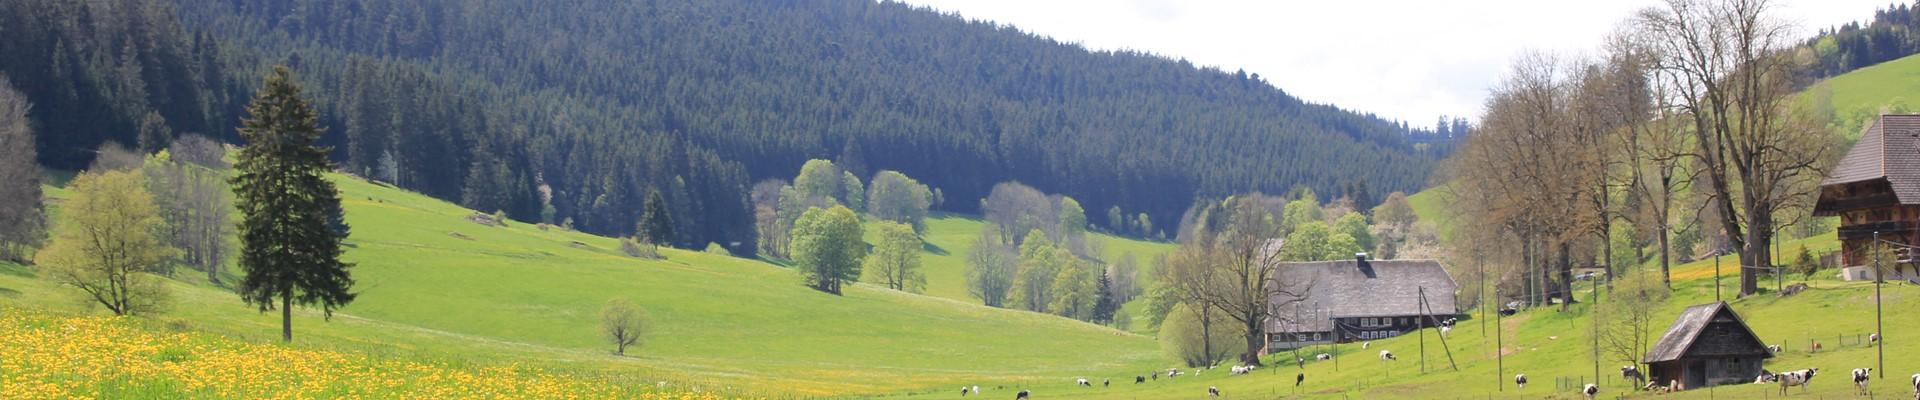 Blick in die sommerliche Schildwende mit Loewenzahnweiden / Griesbachhof-Schwarzwald